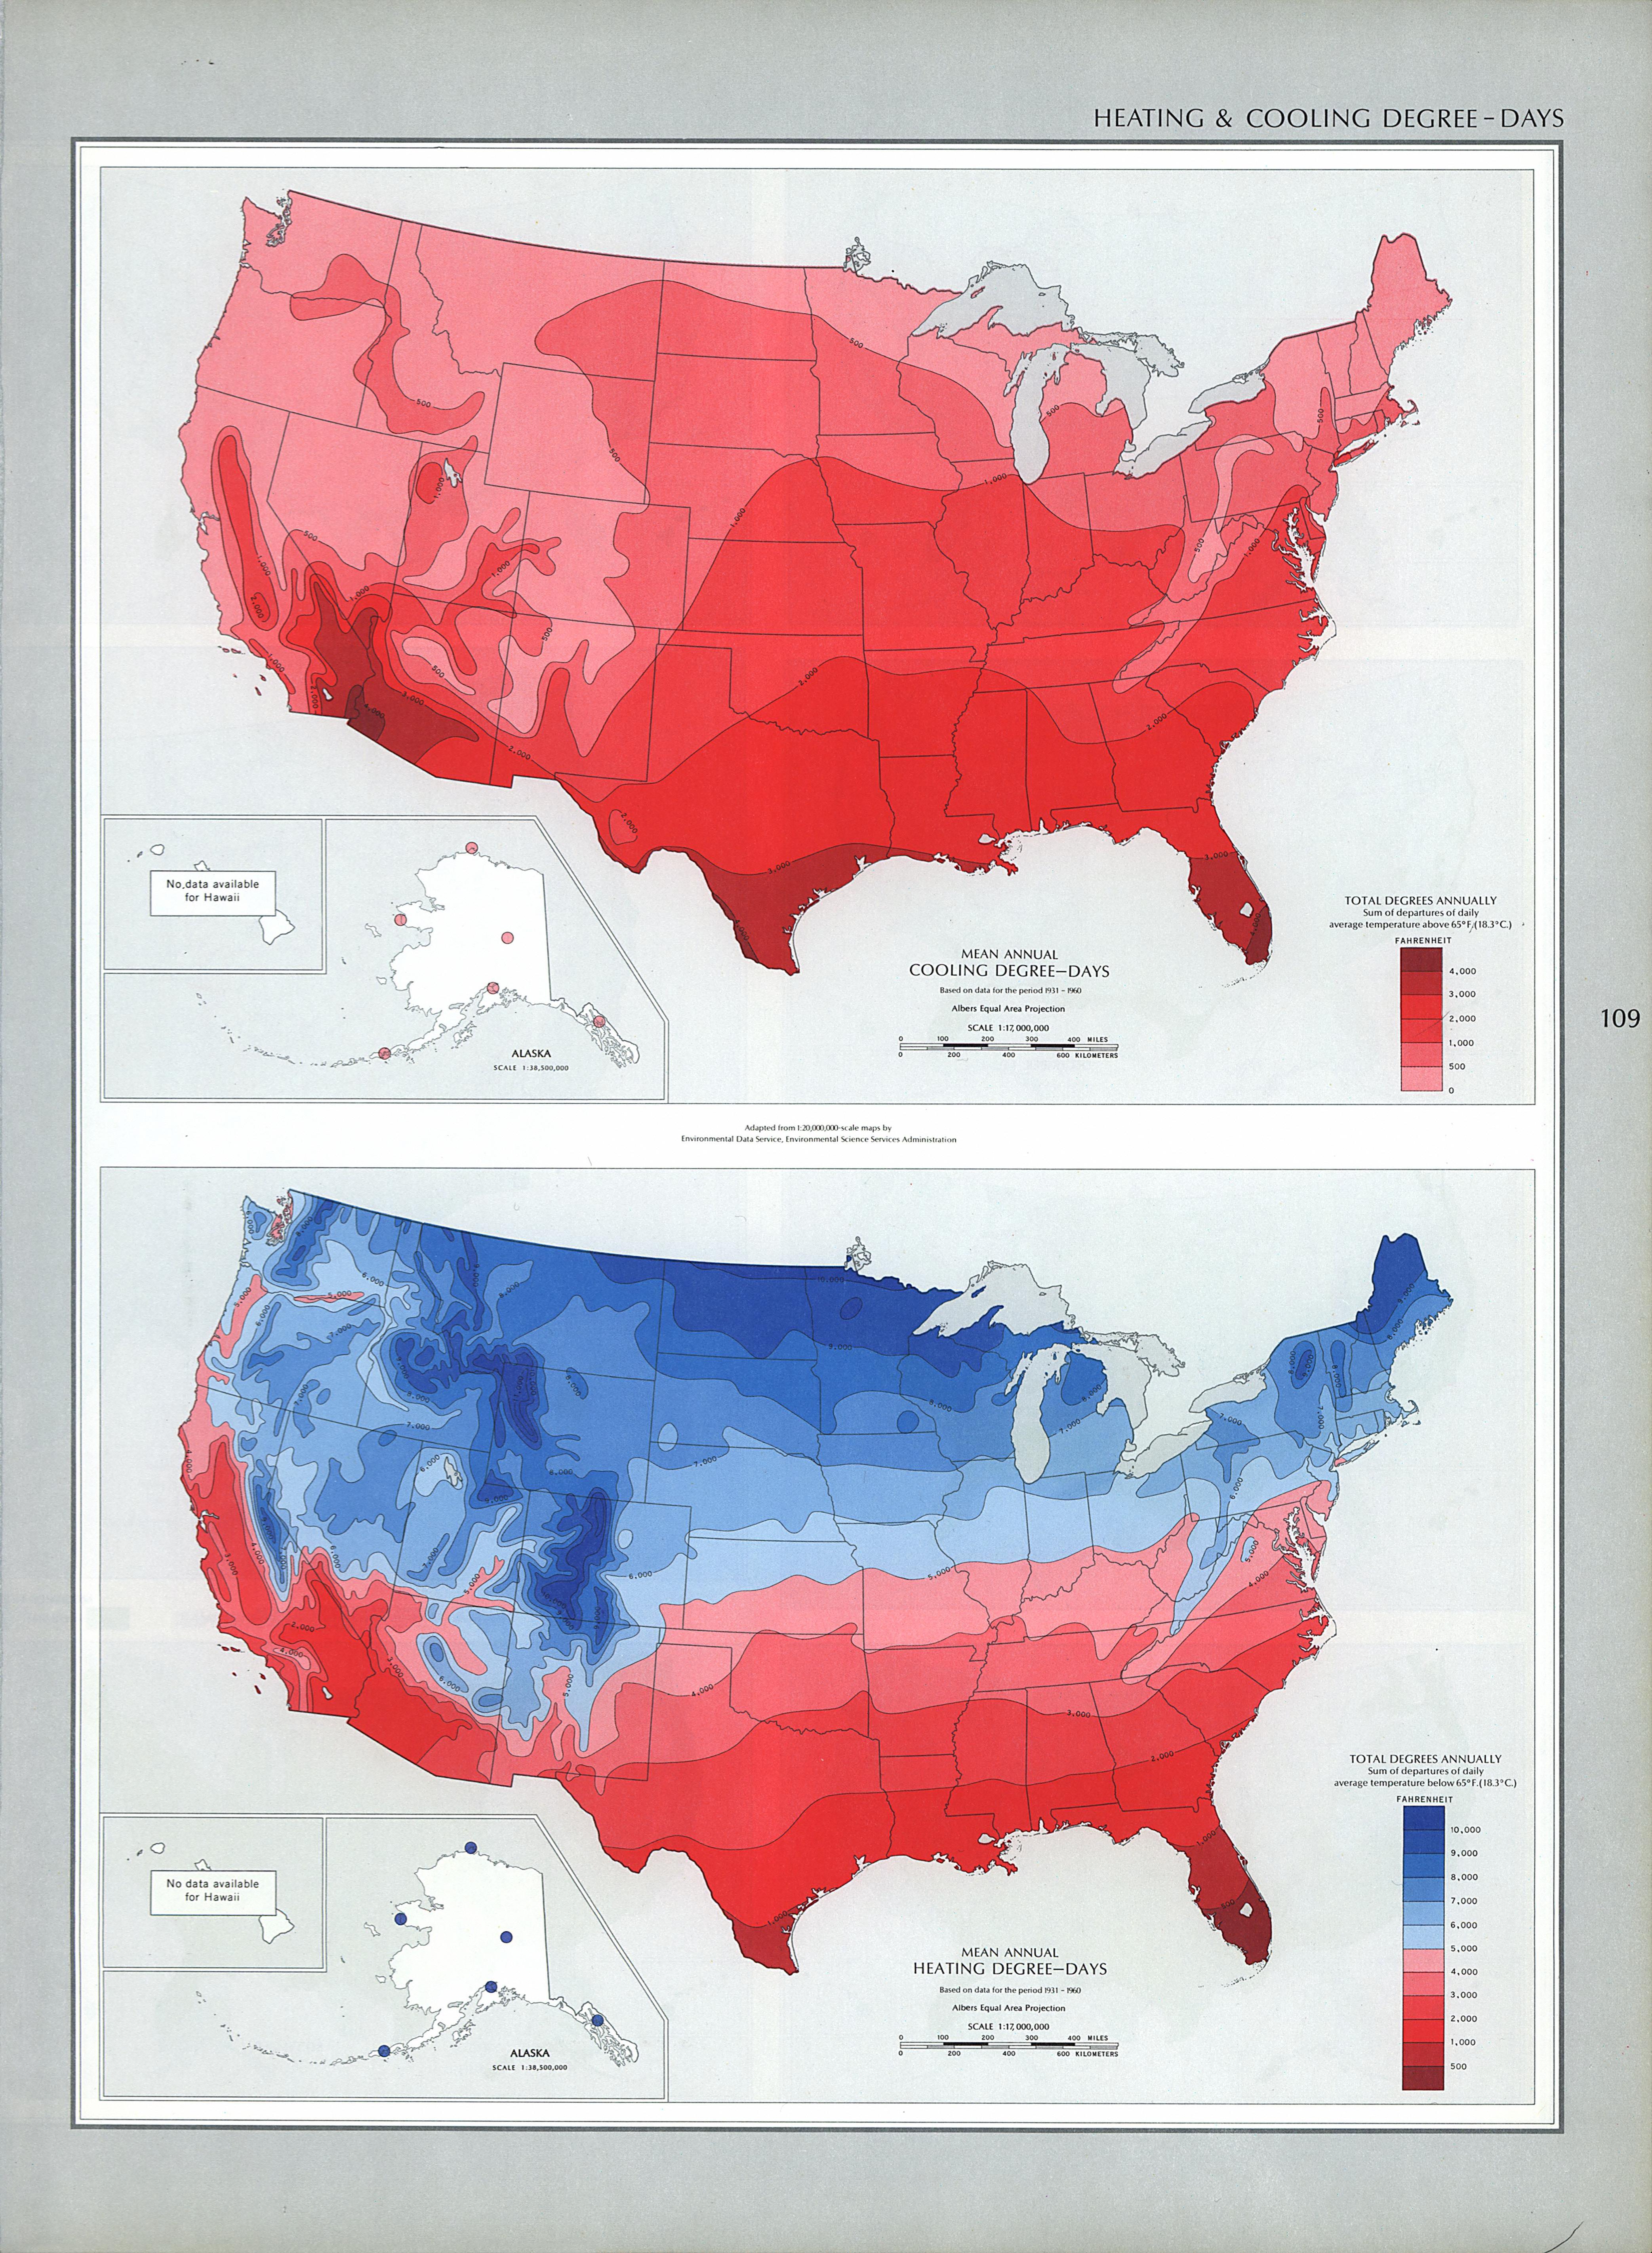 Mapas de Grados-Día de Calentamiento y Enfriamiento en Estados Unidos